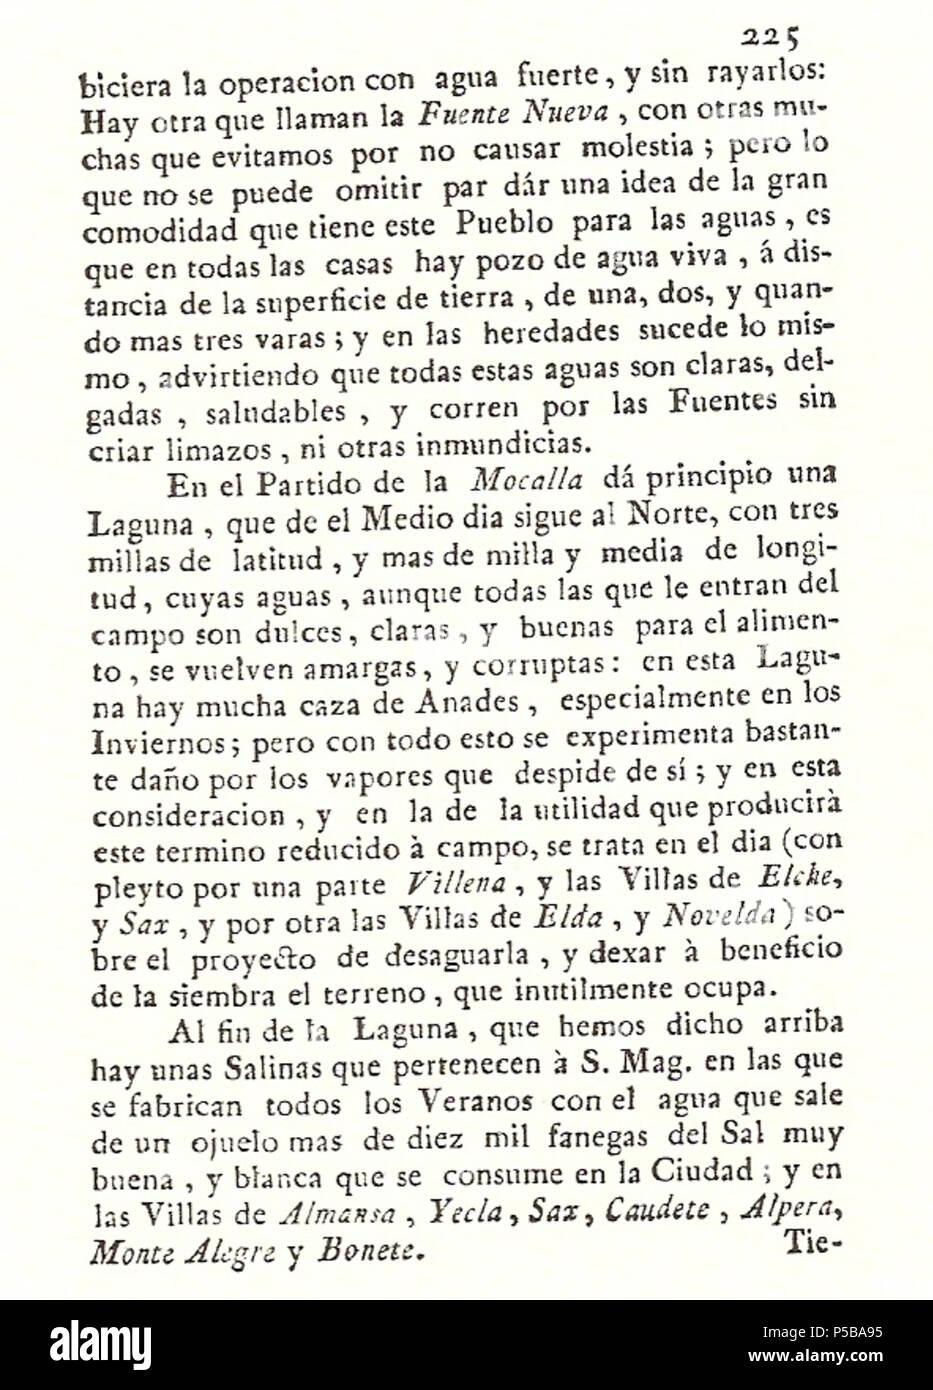 N/A. Español: Es un escaneo de la revista 'Correo General de España' que versa sobre Villena . 1771. Marino Nipho 382 Correo.1771-02-26--225 Stock Photo